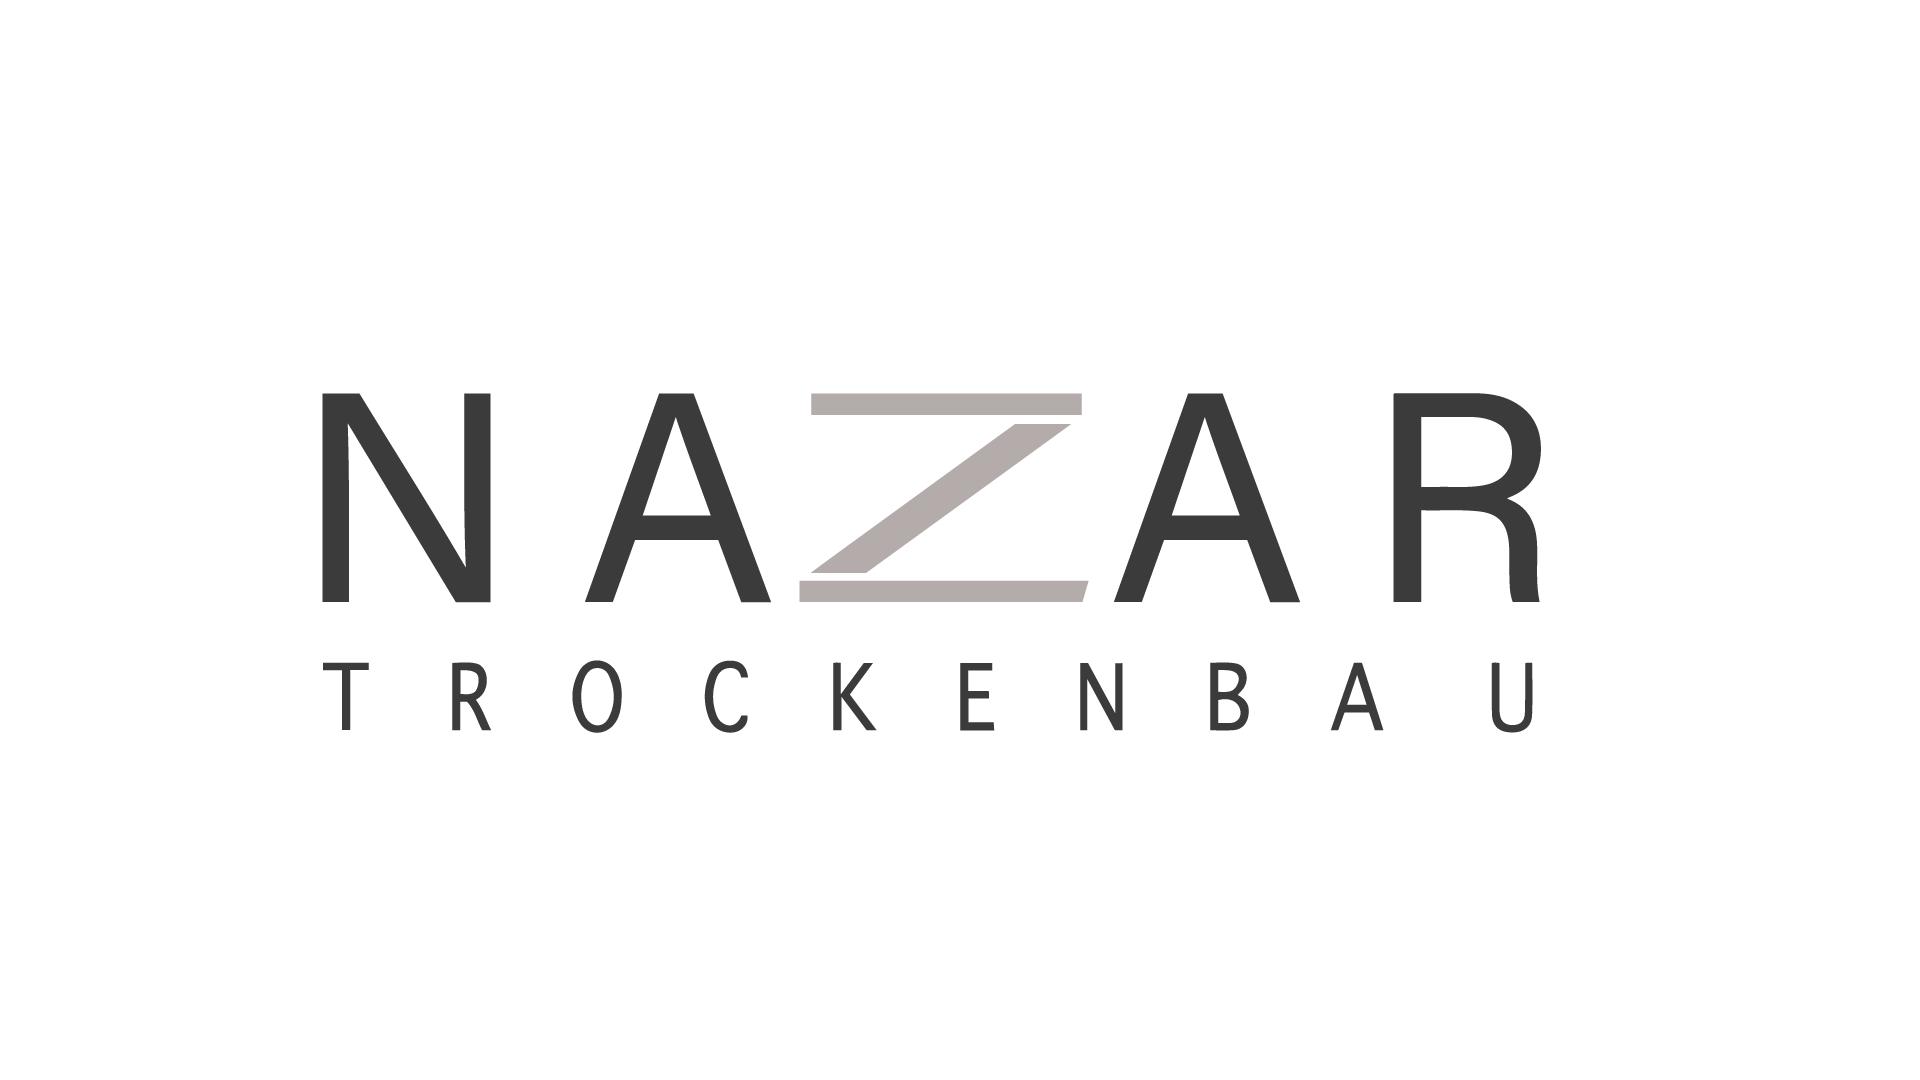 NAZAR_logo_1